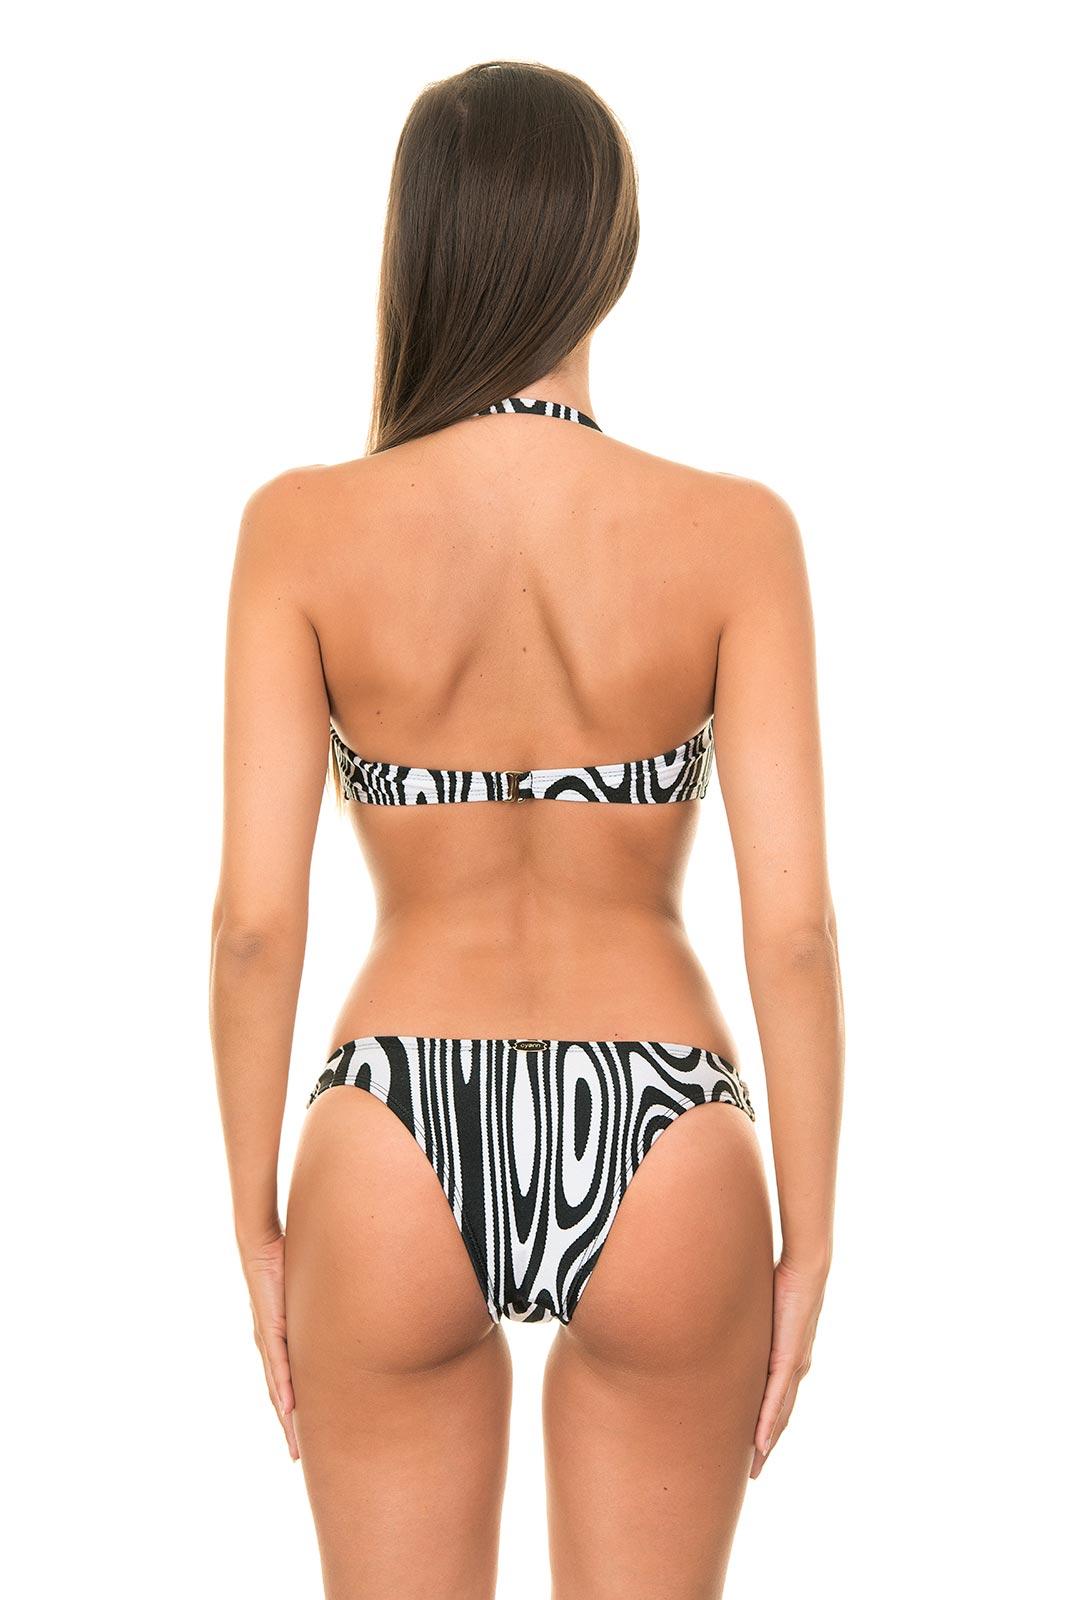 Bikini in pregnant woman